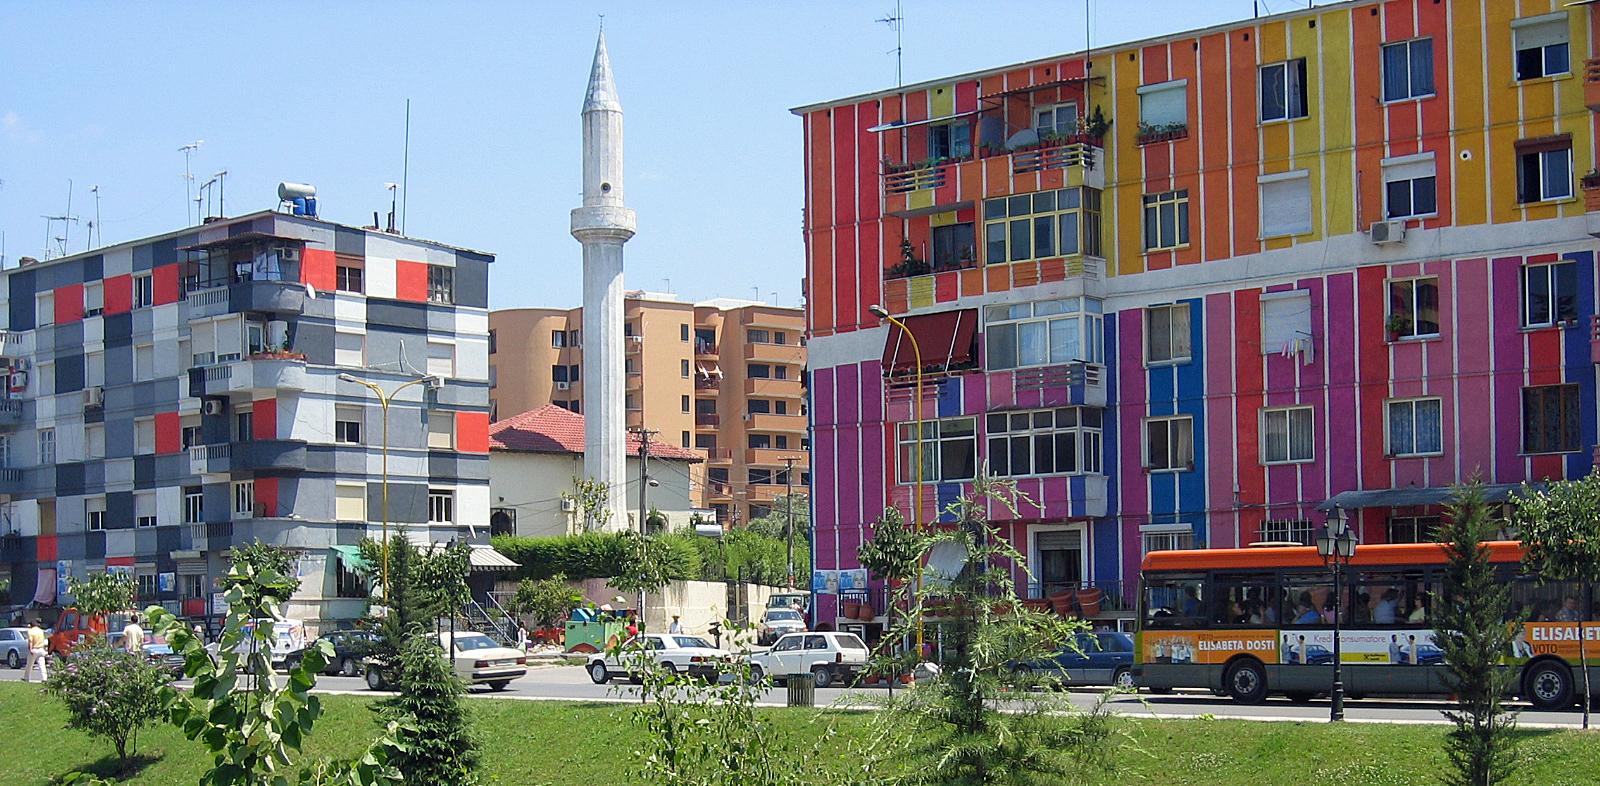 Bálna a Balatonban II. – Egyszínűre festett szivárvány